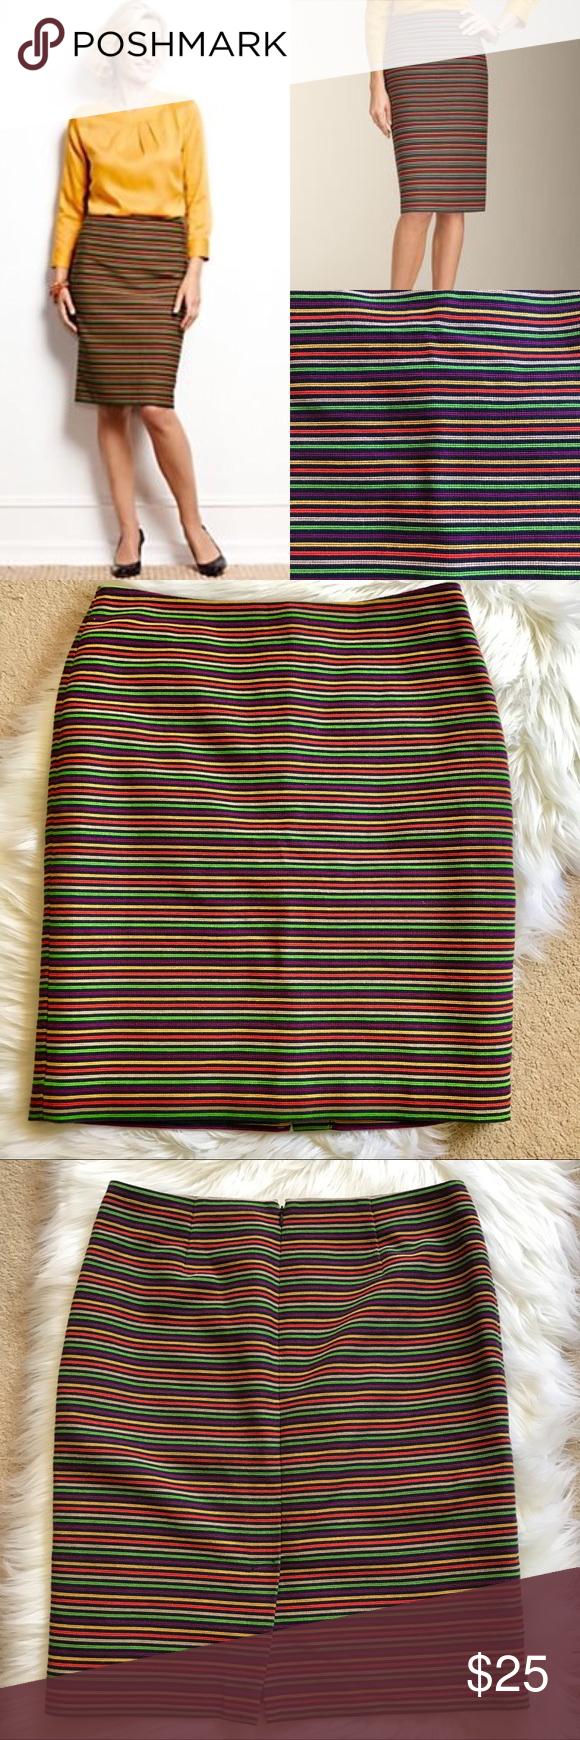 b3b302019f Talbots Rainbow Stripe Corded Pencil Skirt 12 Fun and beautiful. Talbots  Corded Rainbow Stripe Pencil